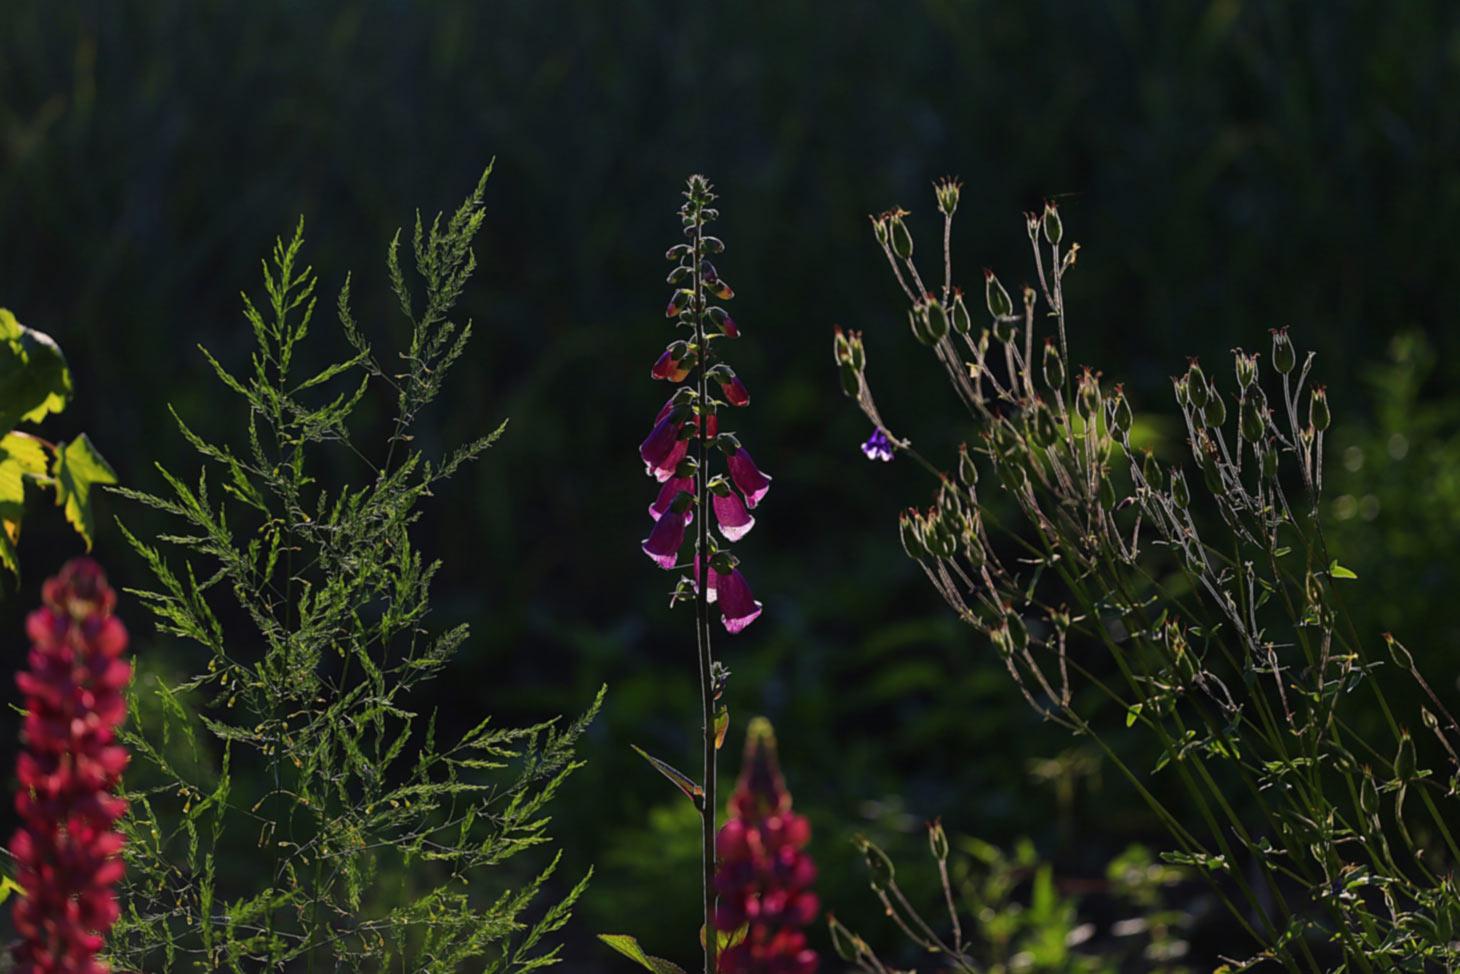 Verschiedener Pflanzenaufbau